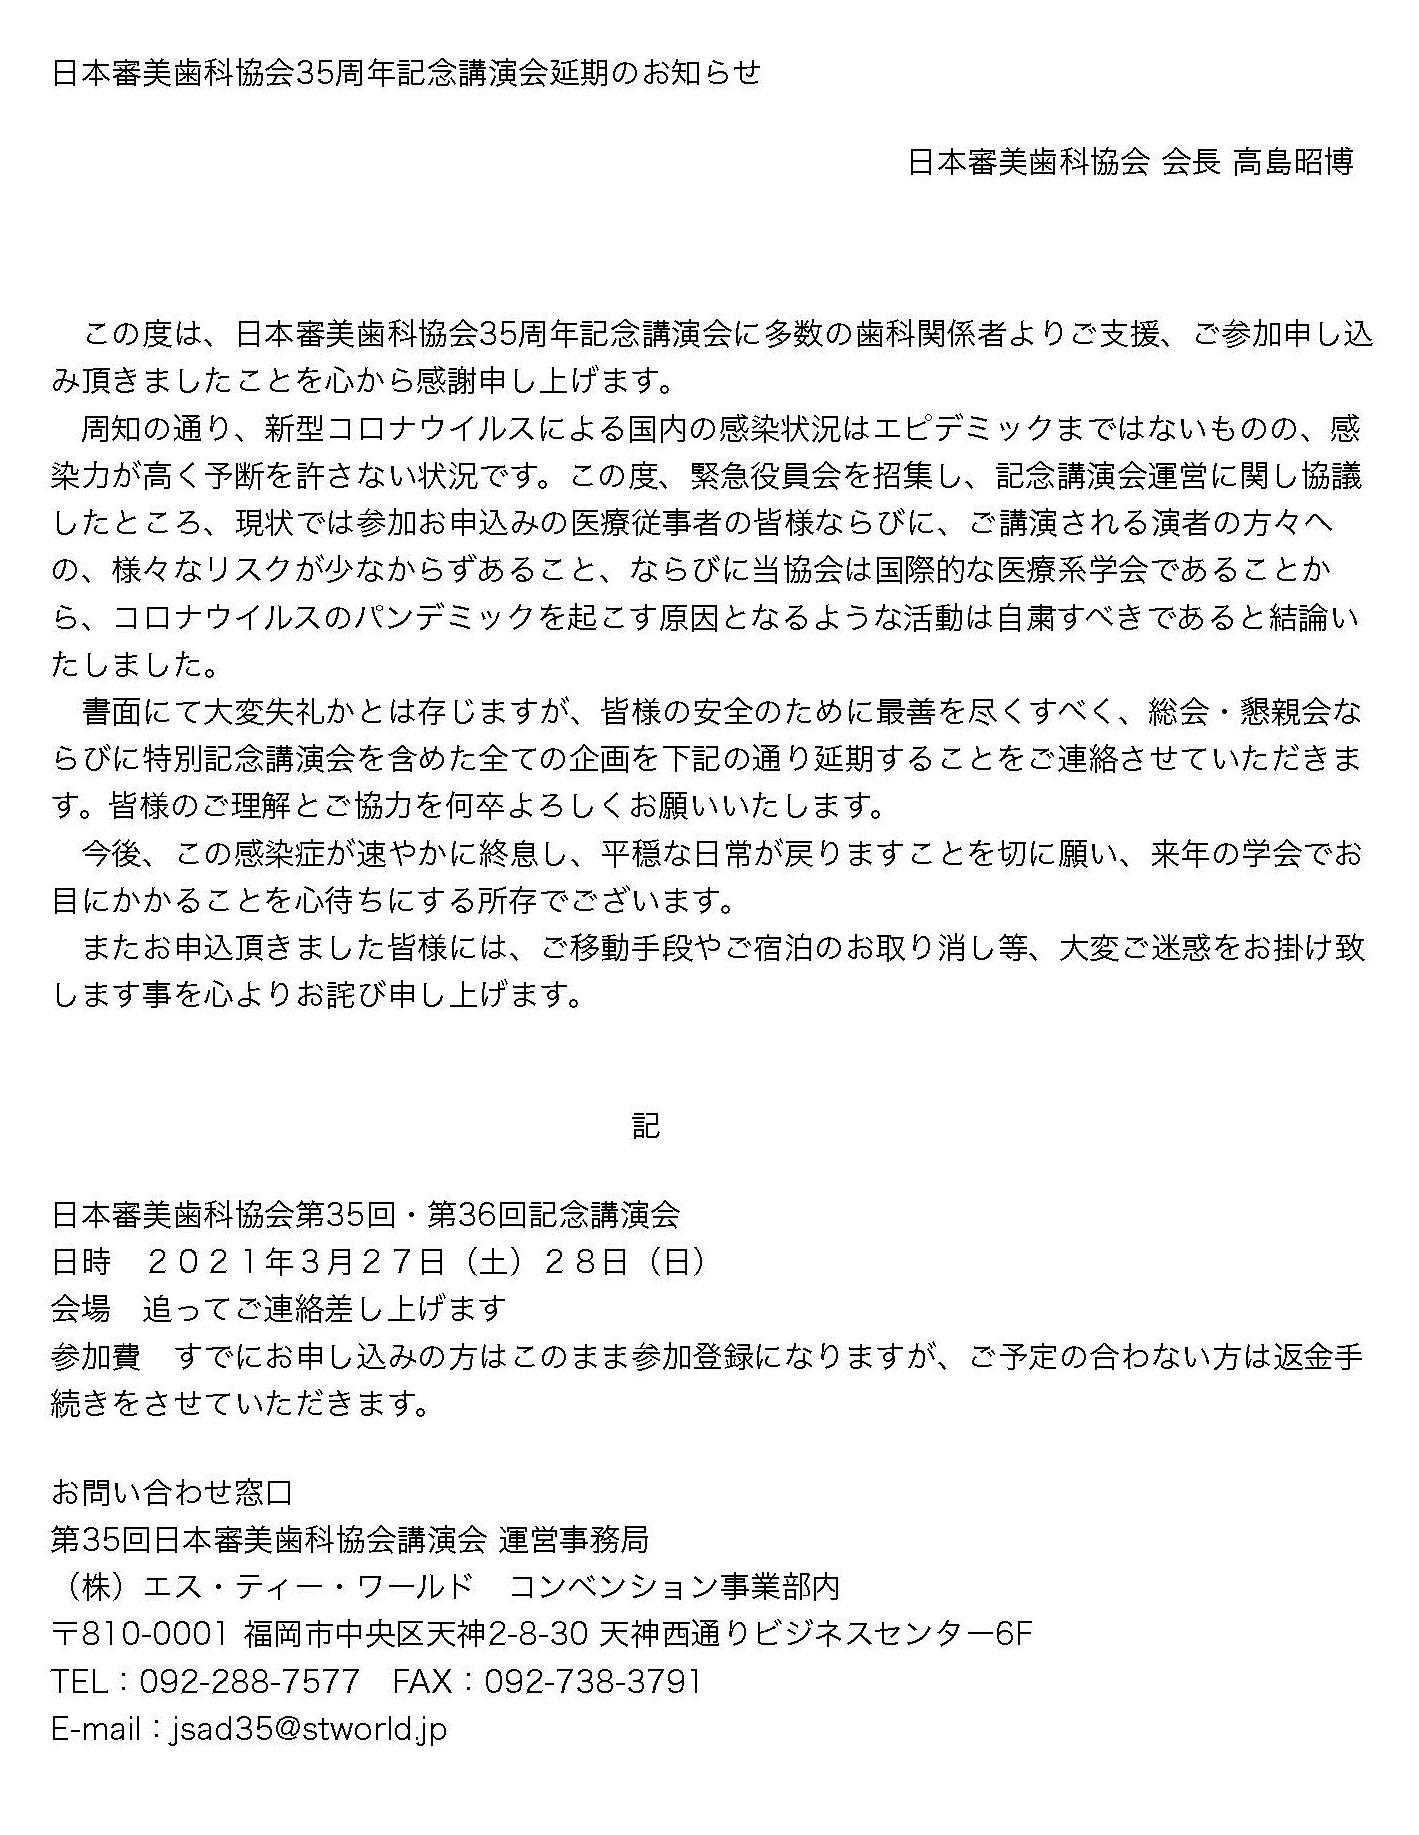 日本審美歯科協会35周年記念講演会延期のお知らせ下記資料をクリックすると拡大表示できます。